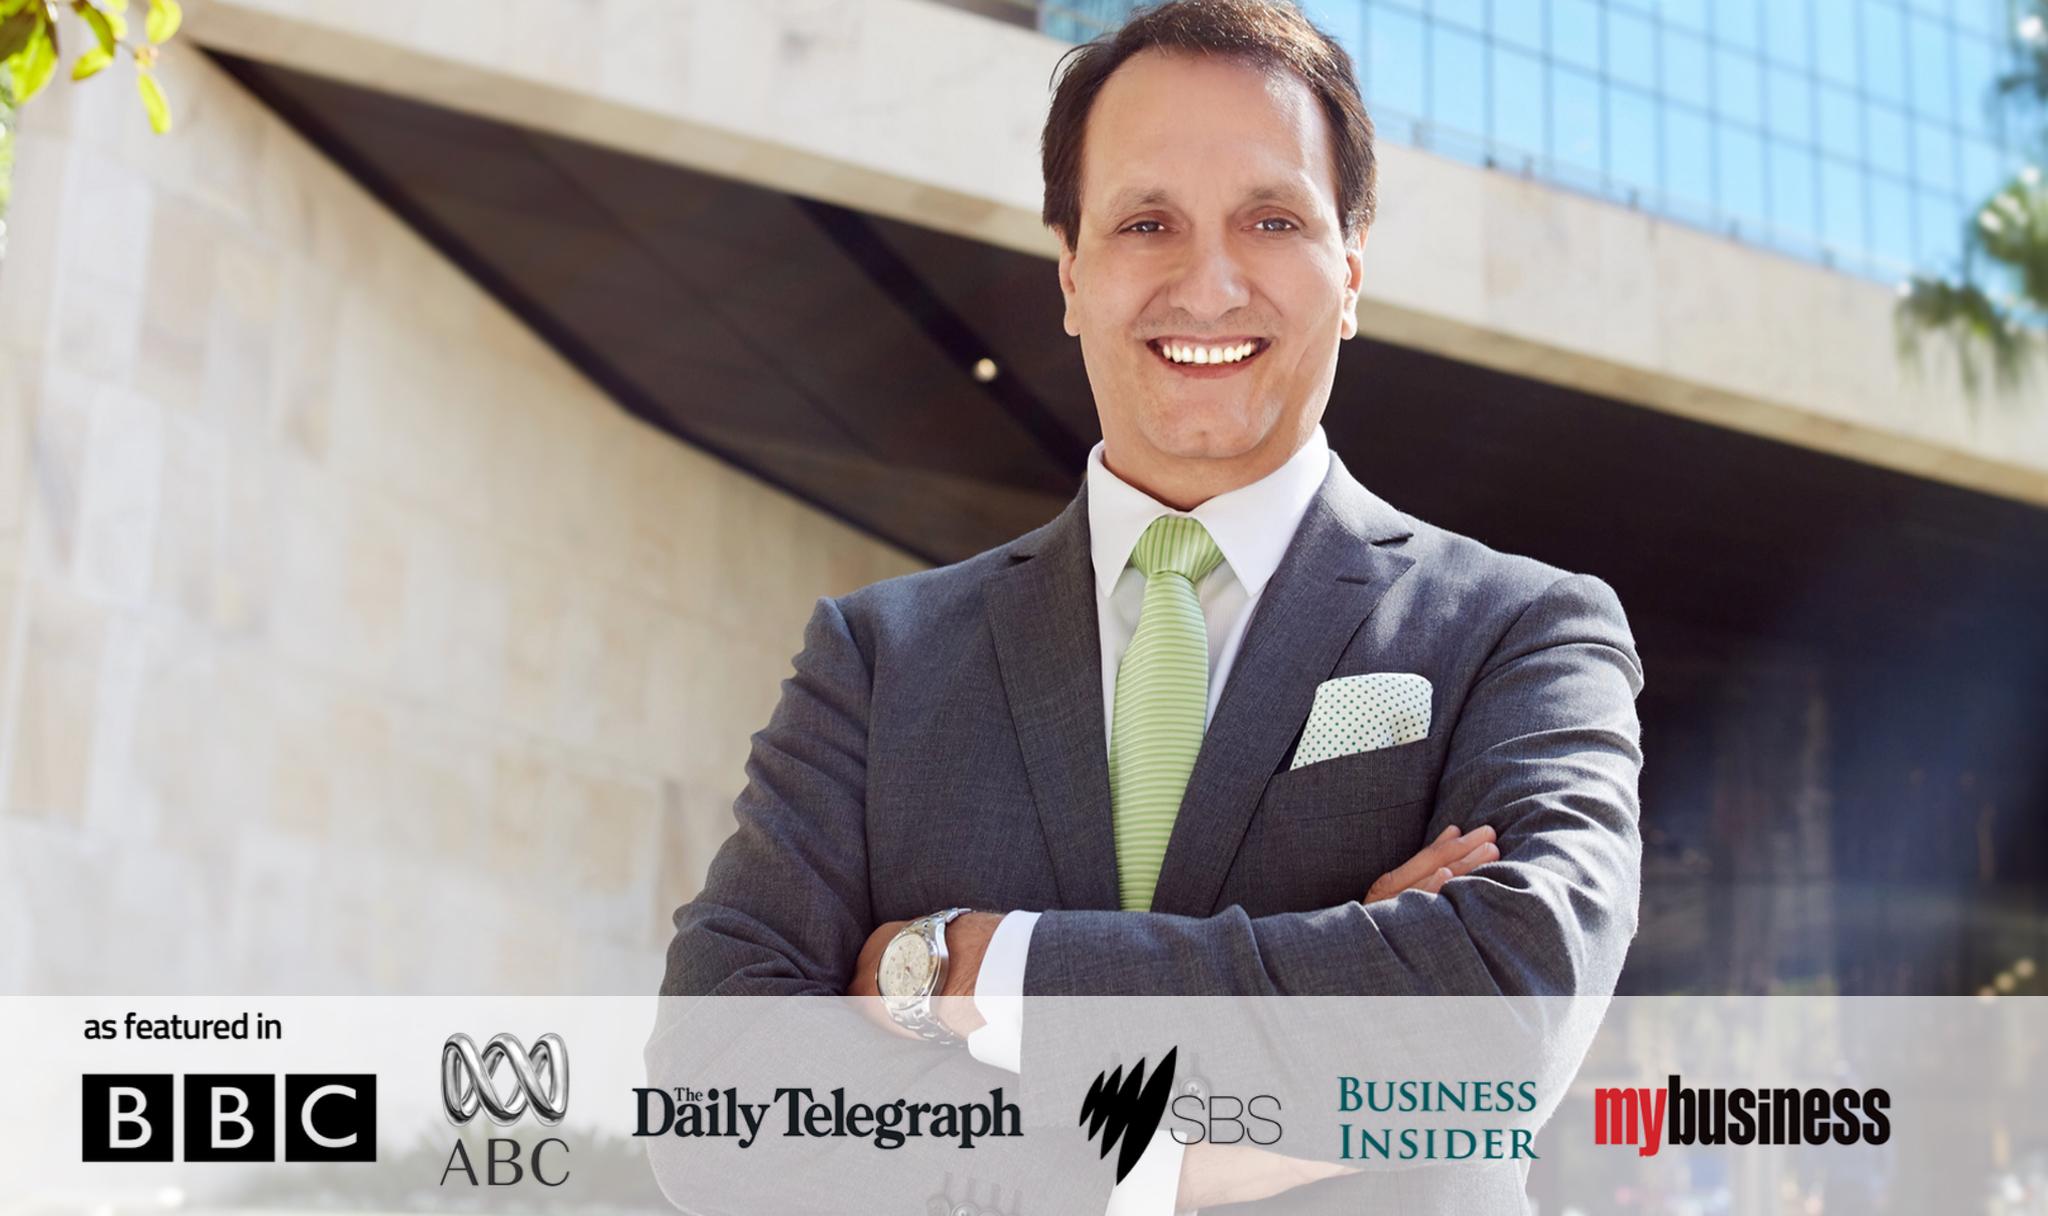 Peter-Diaz-Author-Consultant-Professional-Speaker